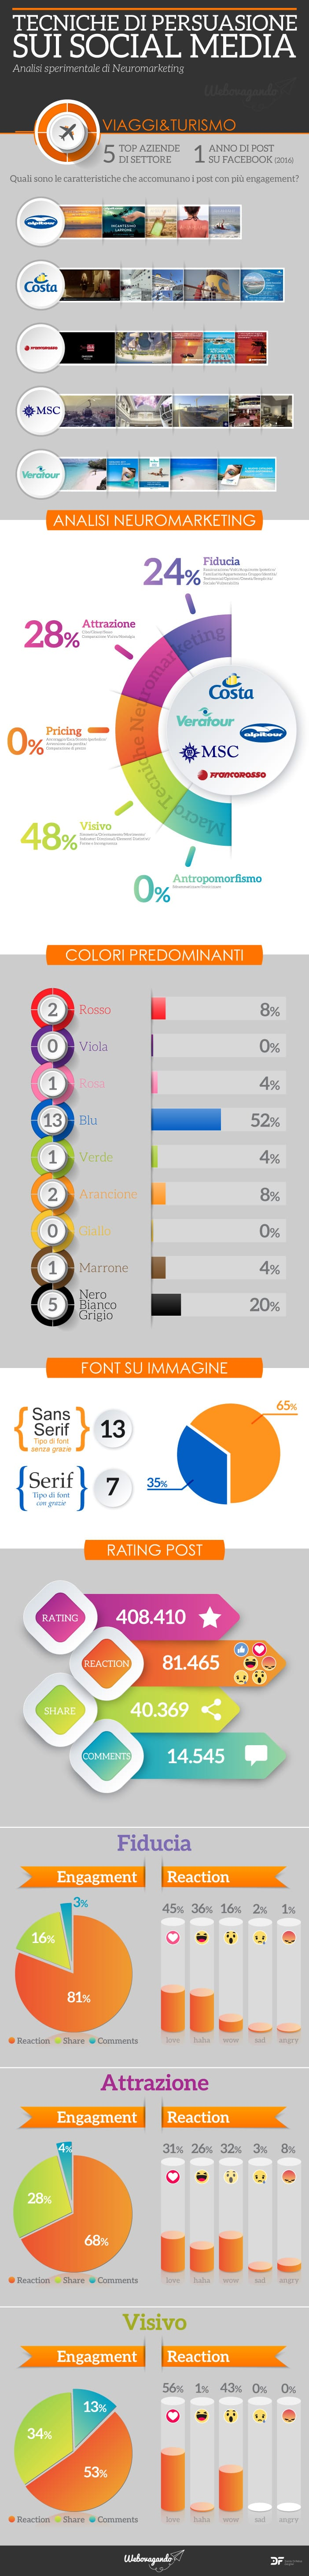 infografica tecniche di persuasione sui social media settore viaggi e turismo